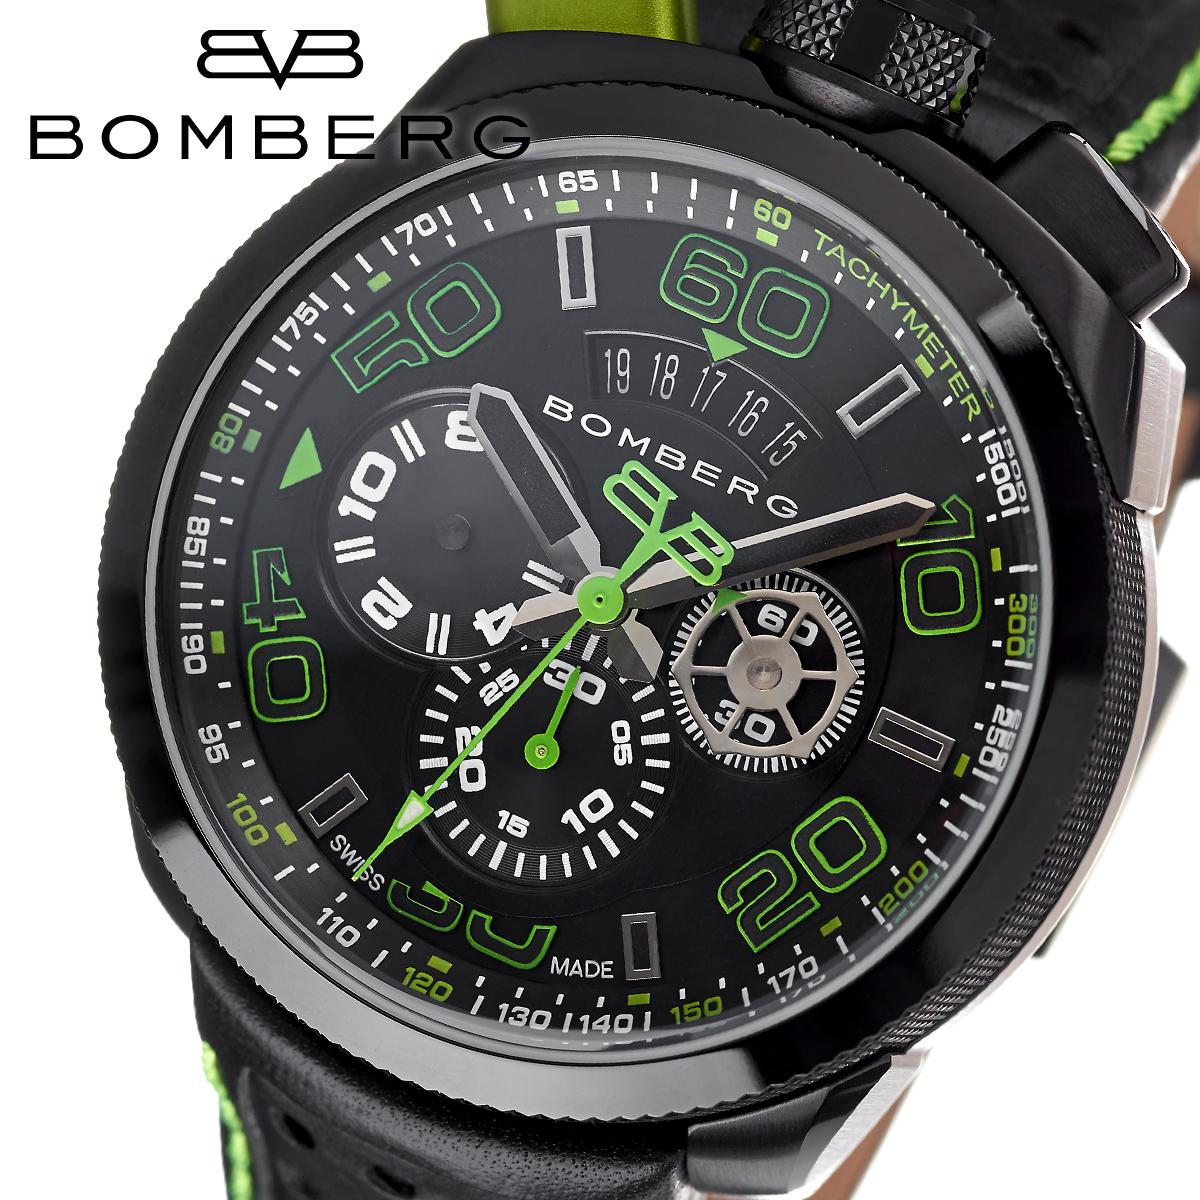 ボンバーグ BOMBERG ボルト68 BOLT-68 BS45CHPBA.013.3 メンズ 時計 腕時計 クオーツ クロノグラフ